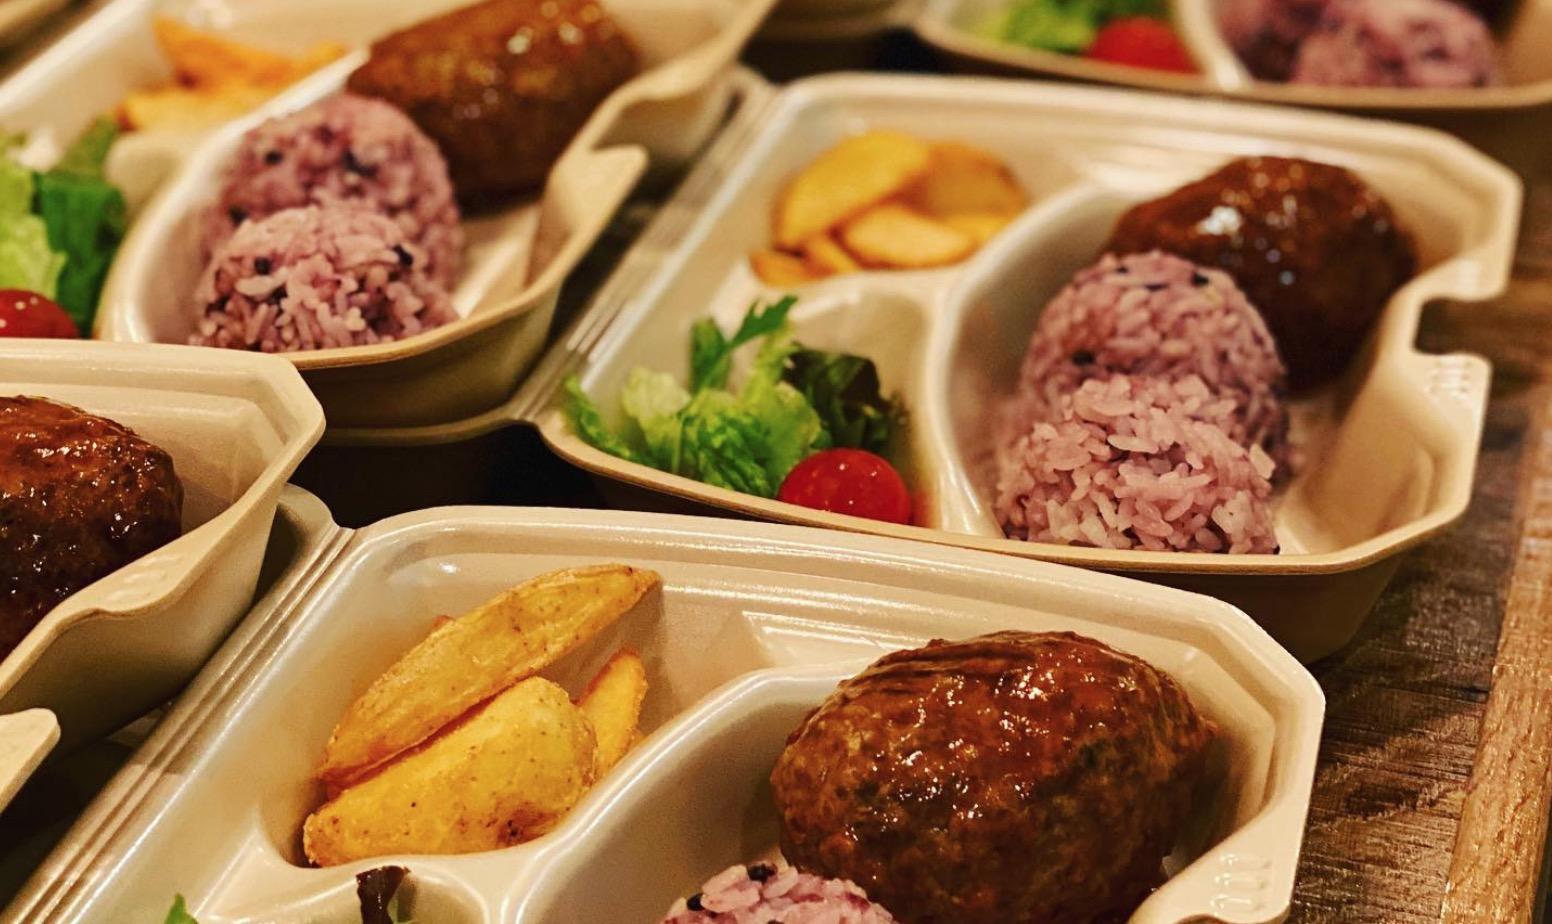 【熊本市中央区】Aolani Roast&Grillのテイクアウト情報!人気メニューのロコモコがお弁当に!!